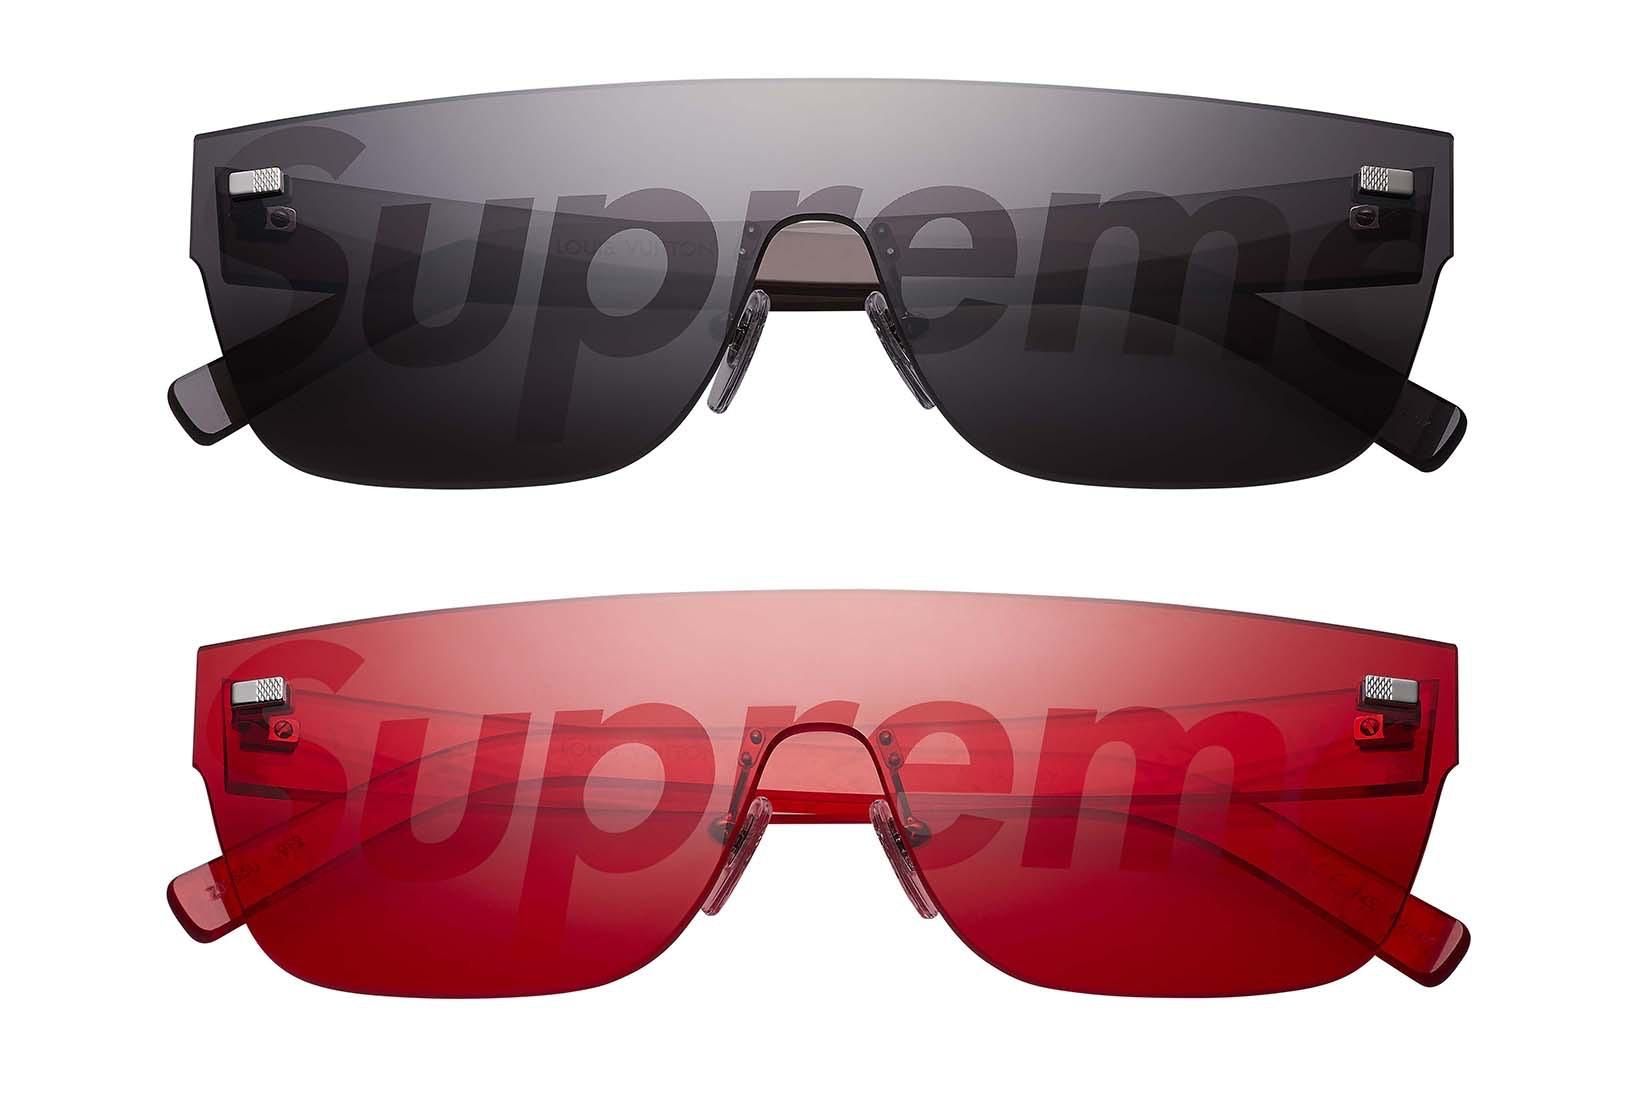 Supreme(シュプリーム)×Louis Vuitton(ルイ・ヴィトン) / シティ マスク SP サングラス(City Mask SP Sunglasses)